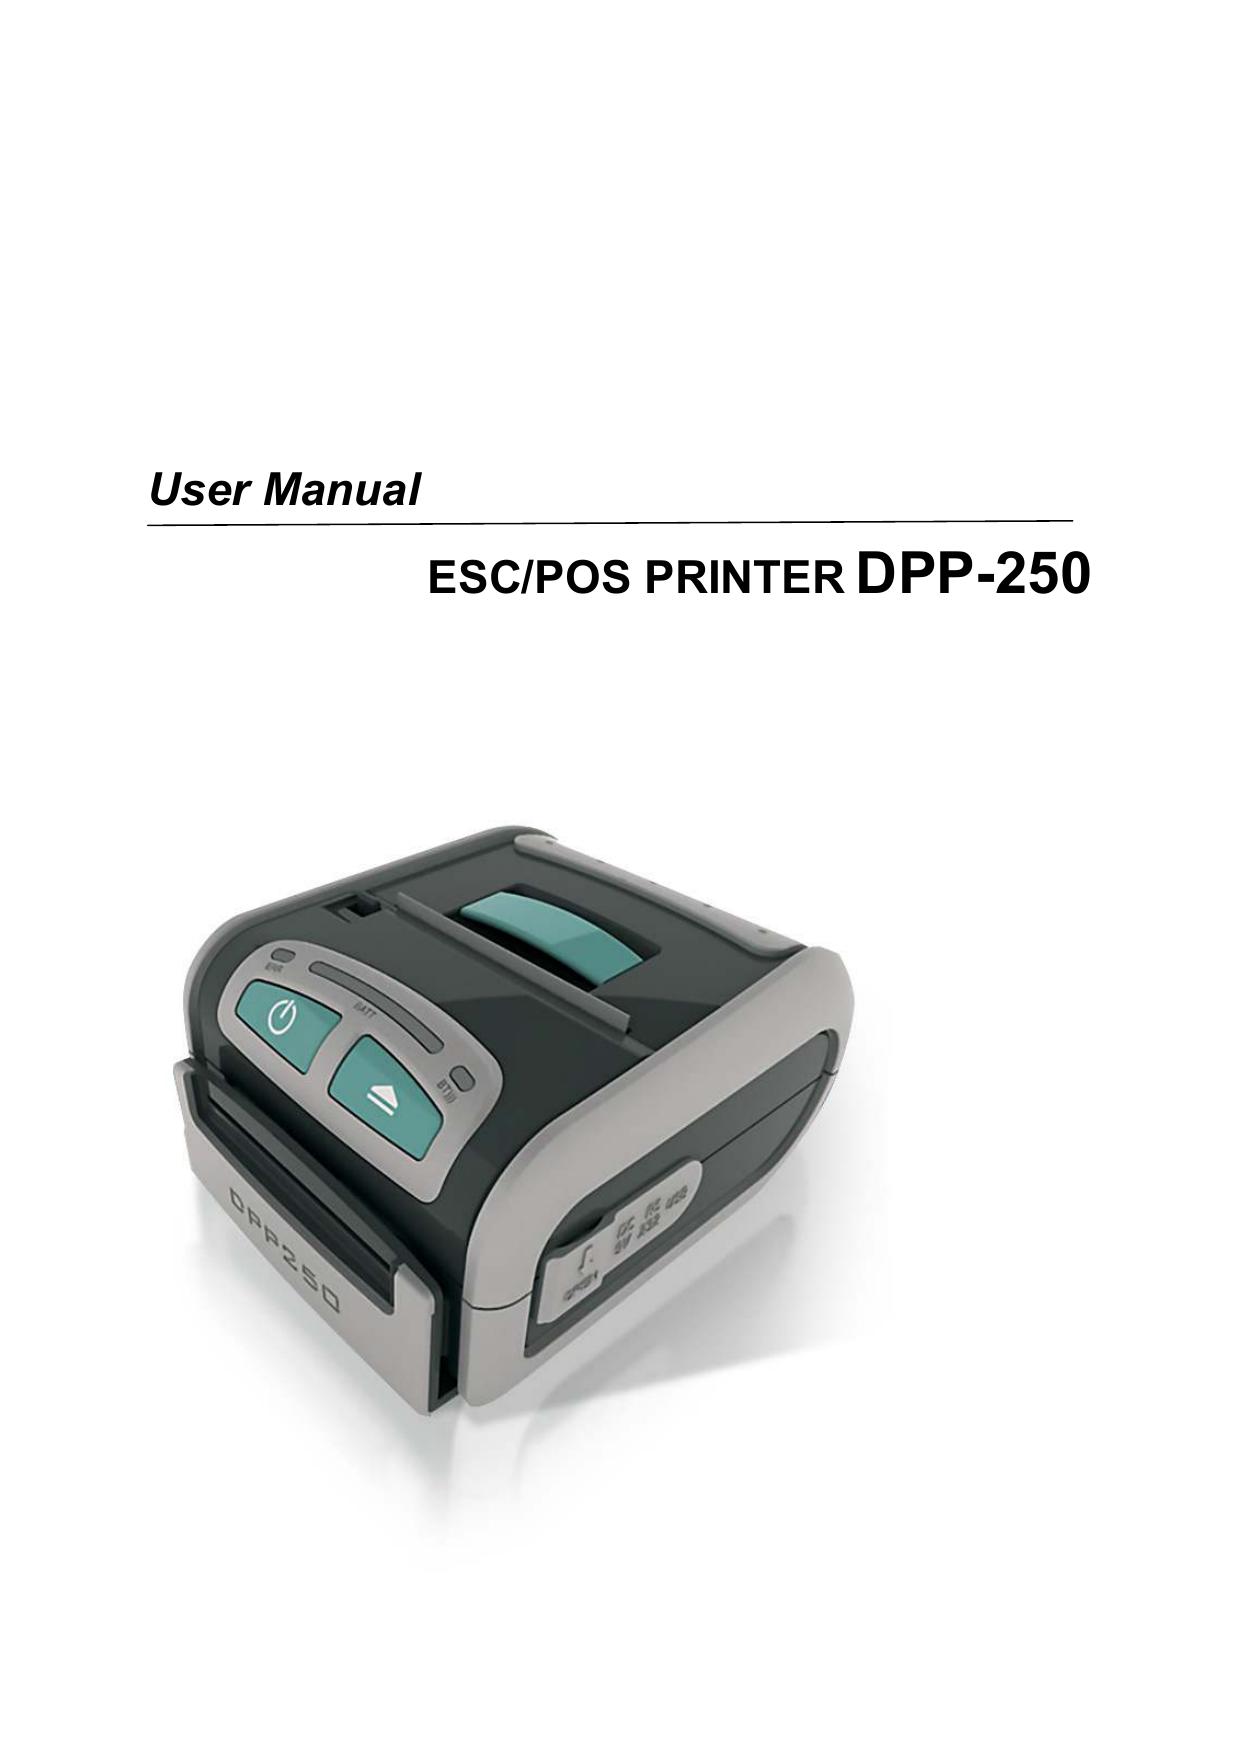 User Manual ESC/POS PRINTER DPP-250 | manualzz com